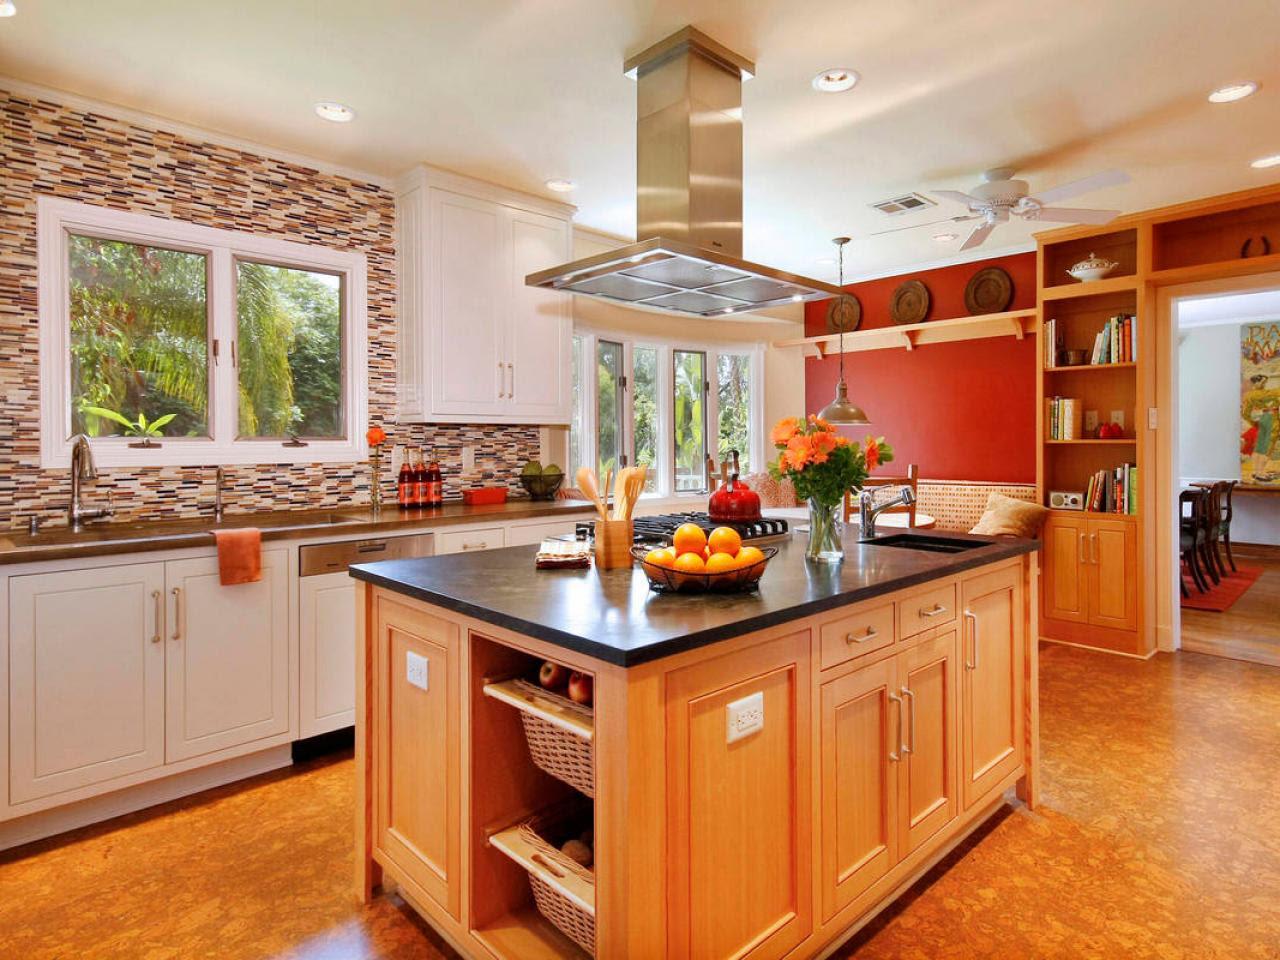 19 Kitchen Cabinet Storage Systems | DIY Kitchen Design ...